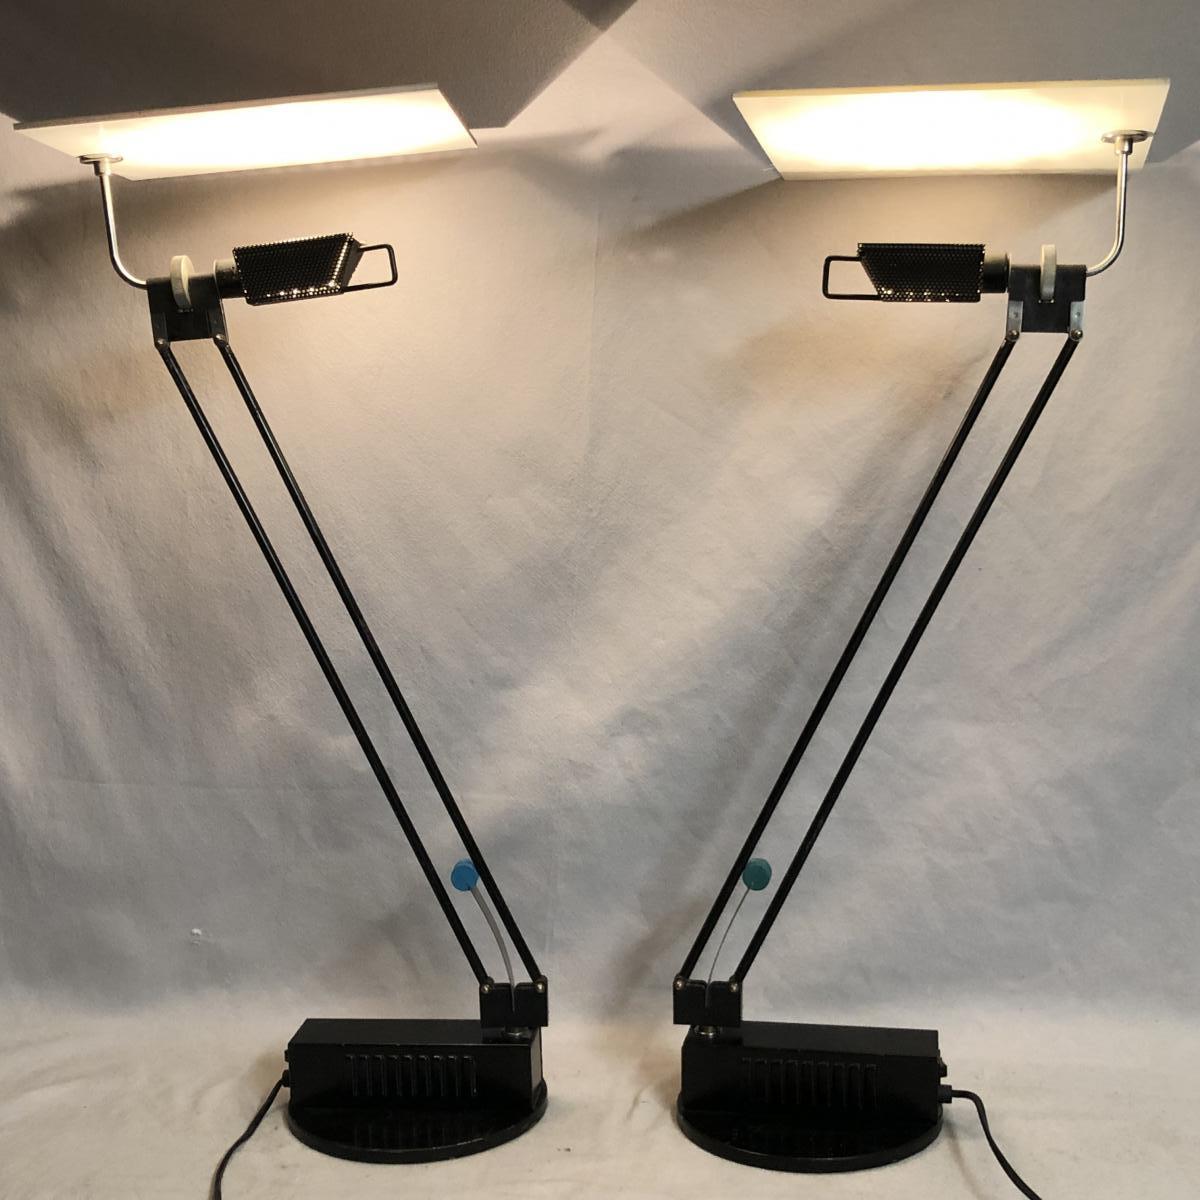 Sacha KETOFF paire de lampes articulées Modèle W.O. 1985 Editeur ALUMINOR lampe WO